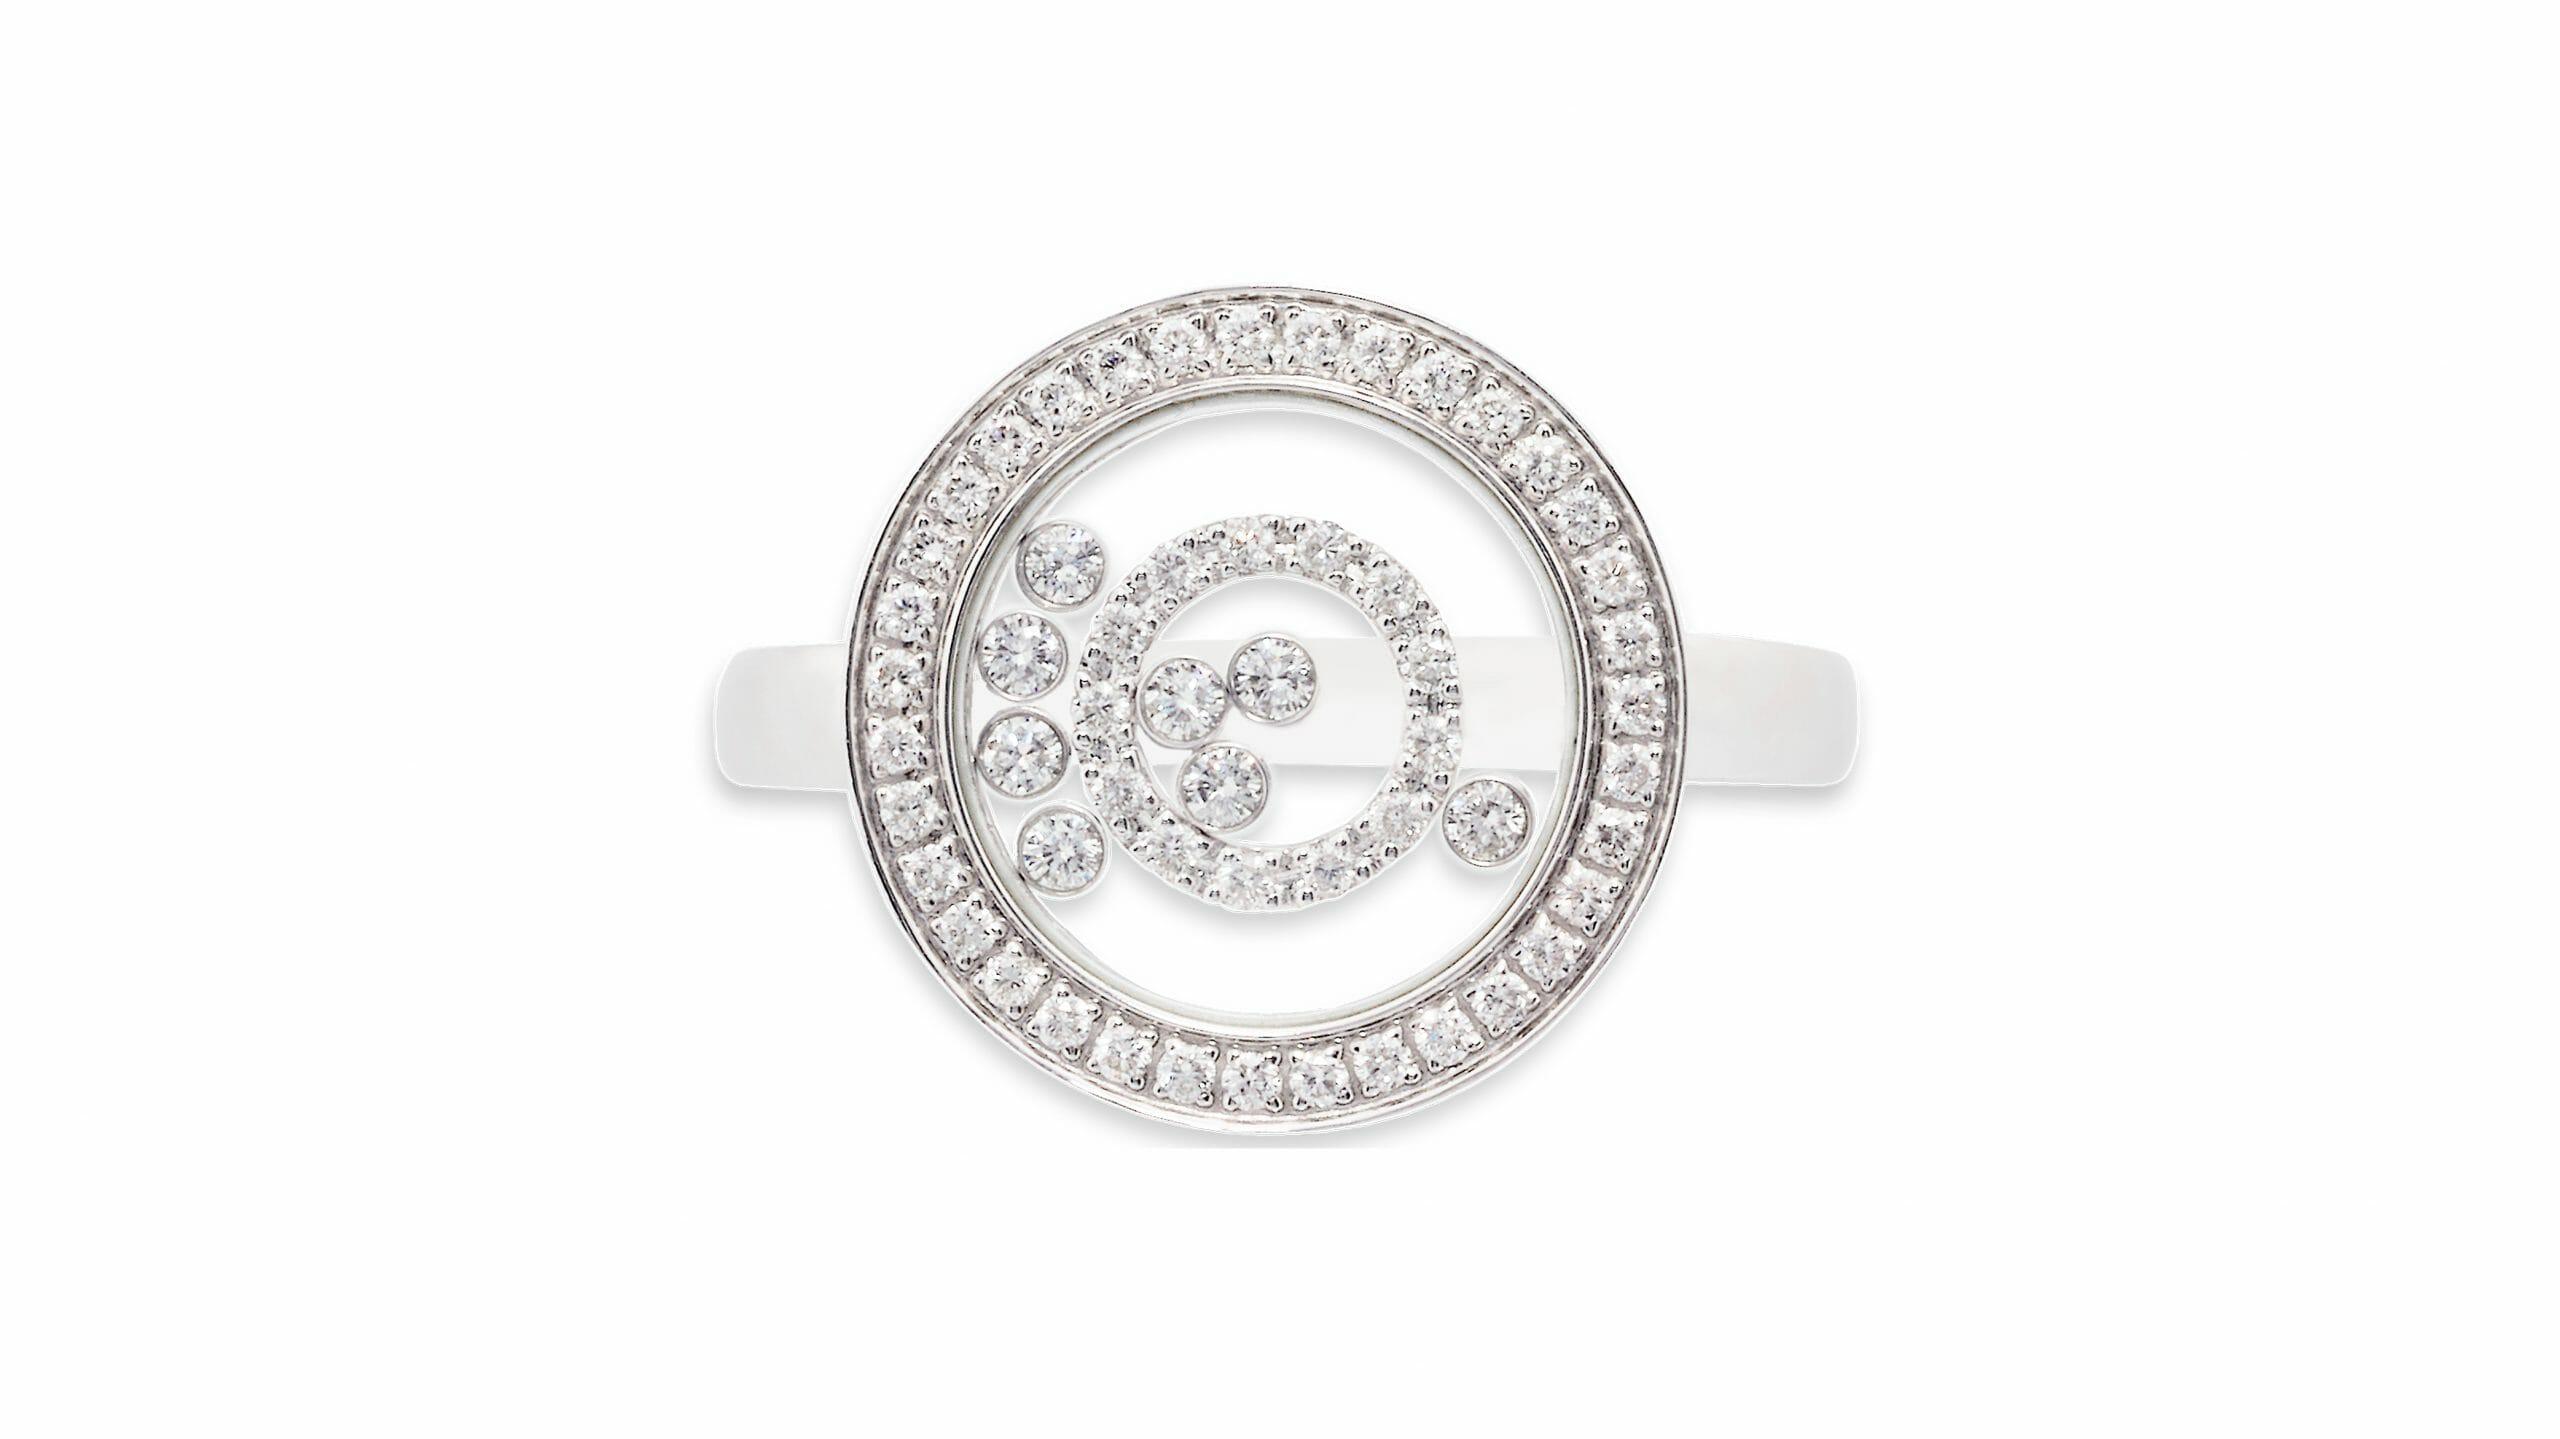 Enchanted Diamond Circle Ring | 18 Carat White Gold Dress Ring